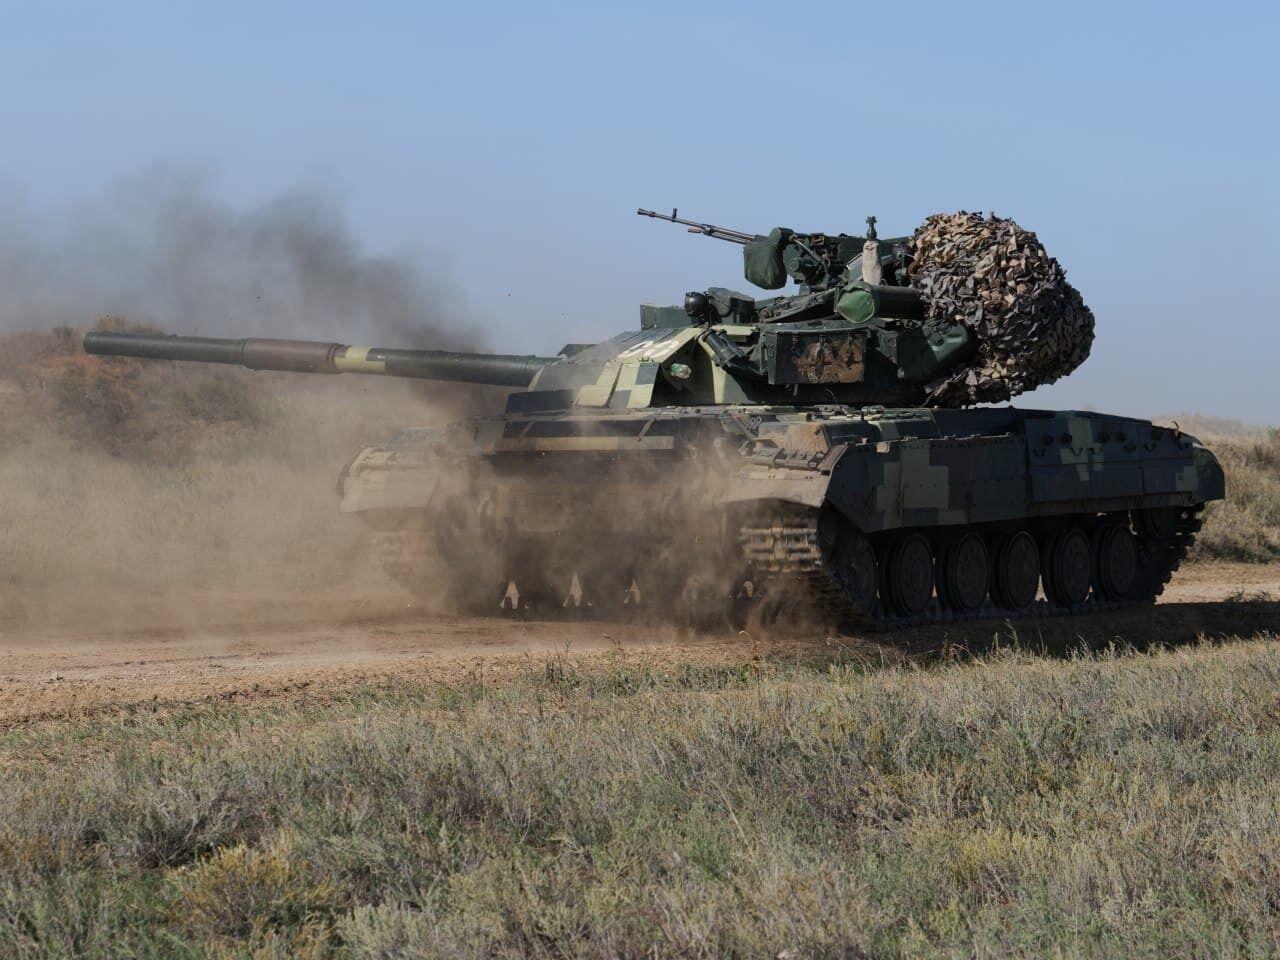 Танкисты тренировались открывать внезапный огонь прямой наводкой по врагу.